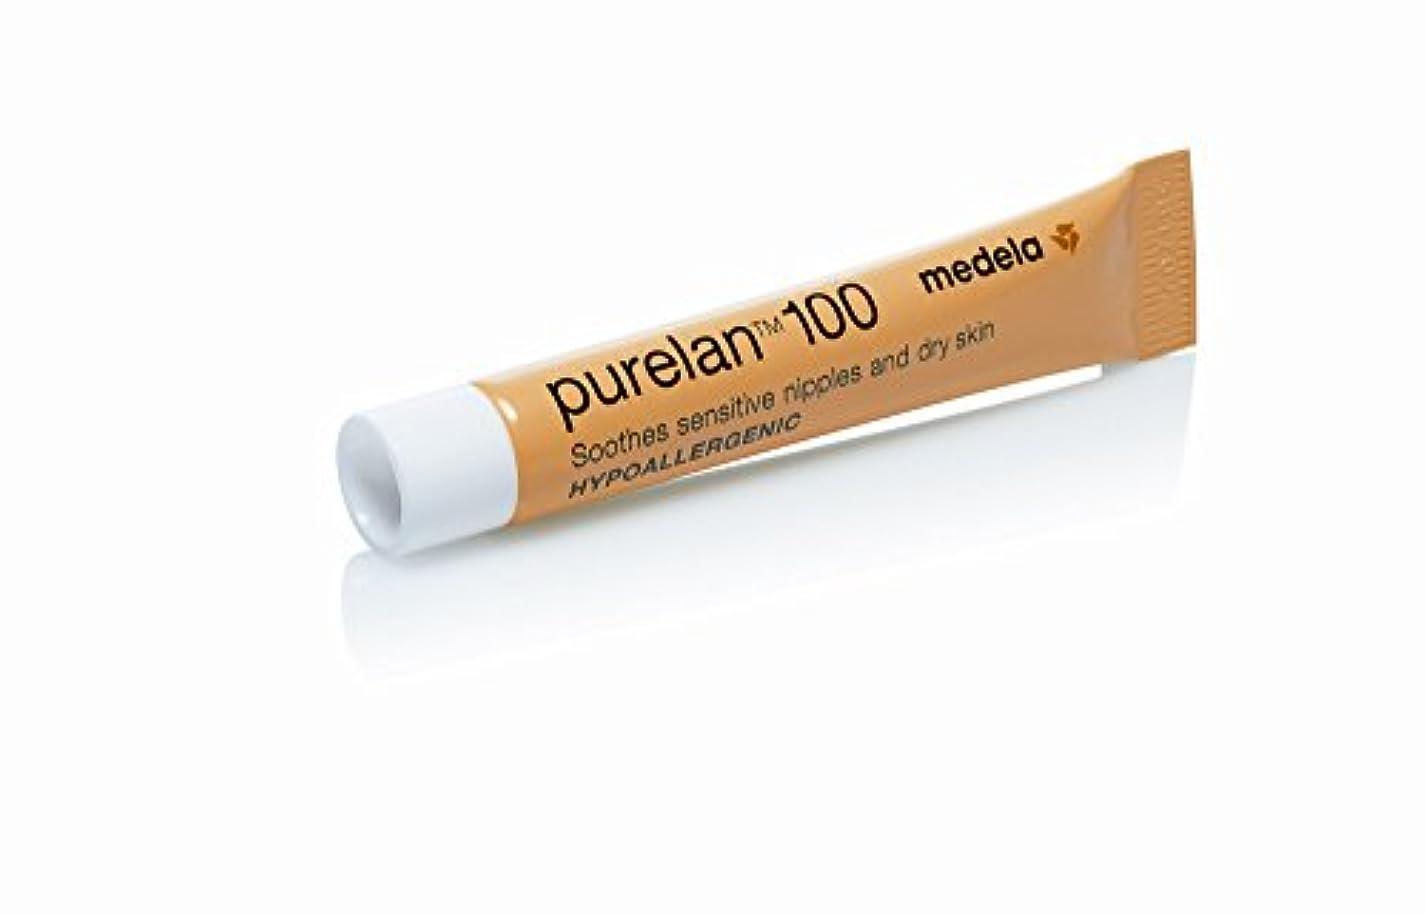 Medela メデラ 乳頭保護クリーム ピュアレーン100 7g 天然ラノリン 100% (008.0018)